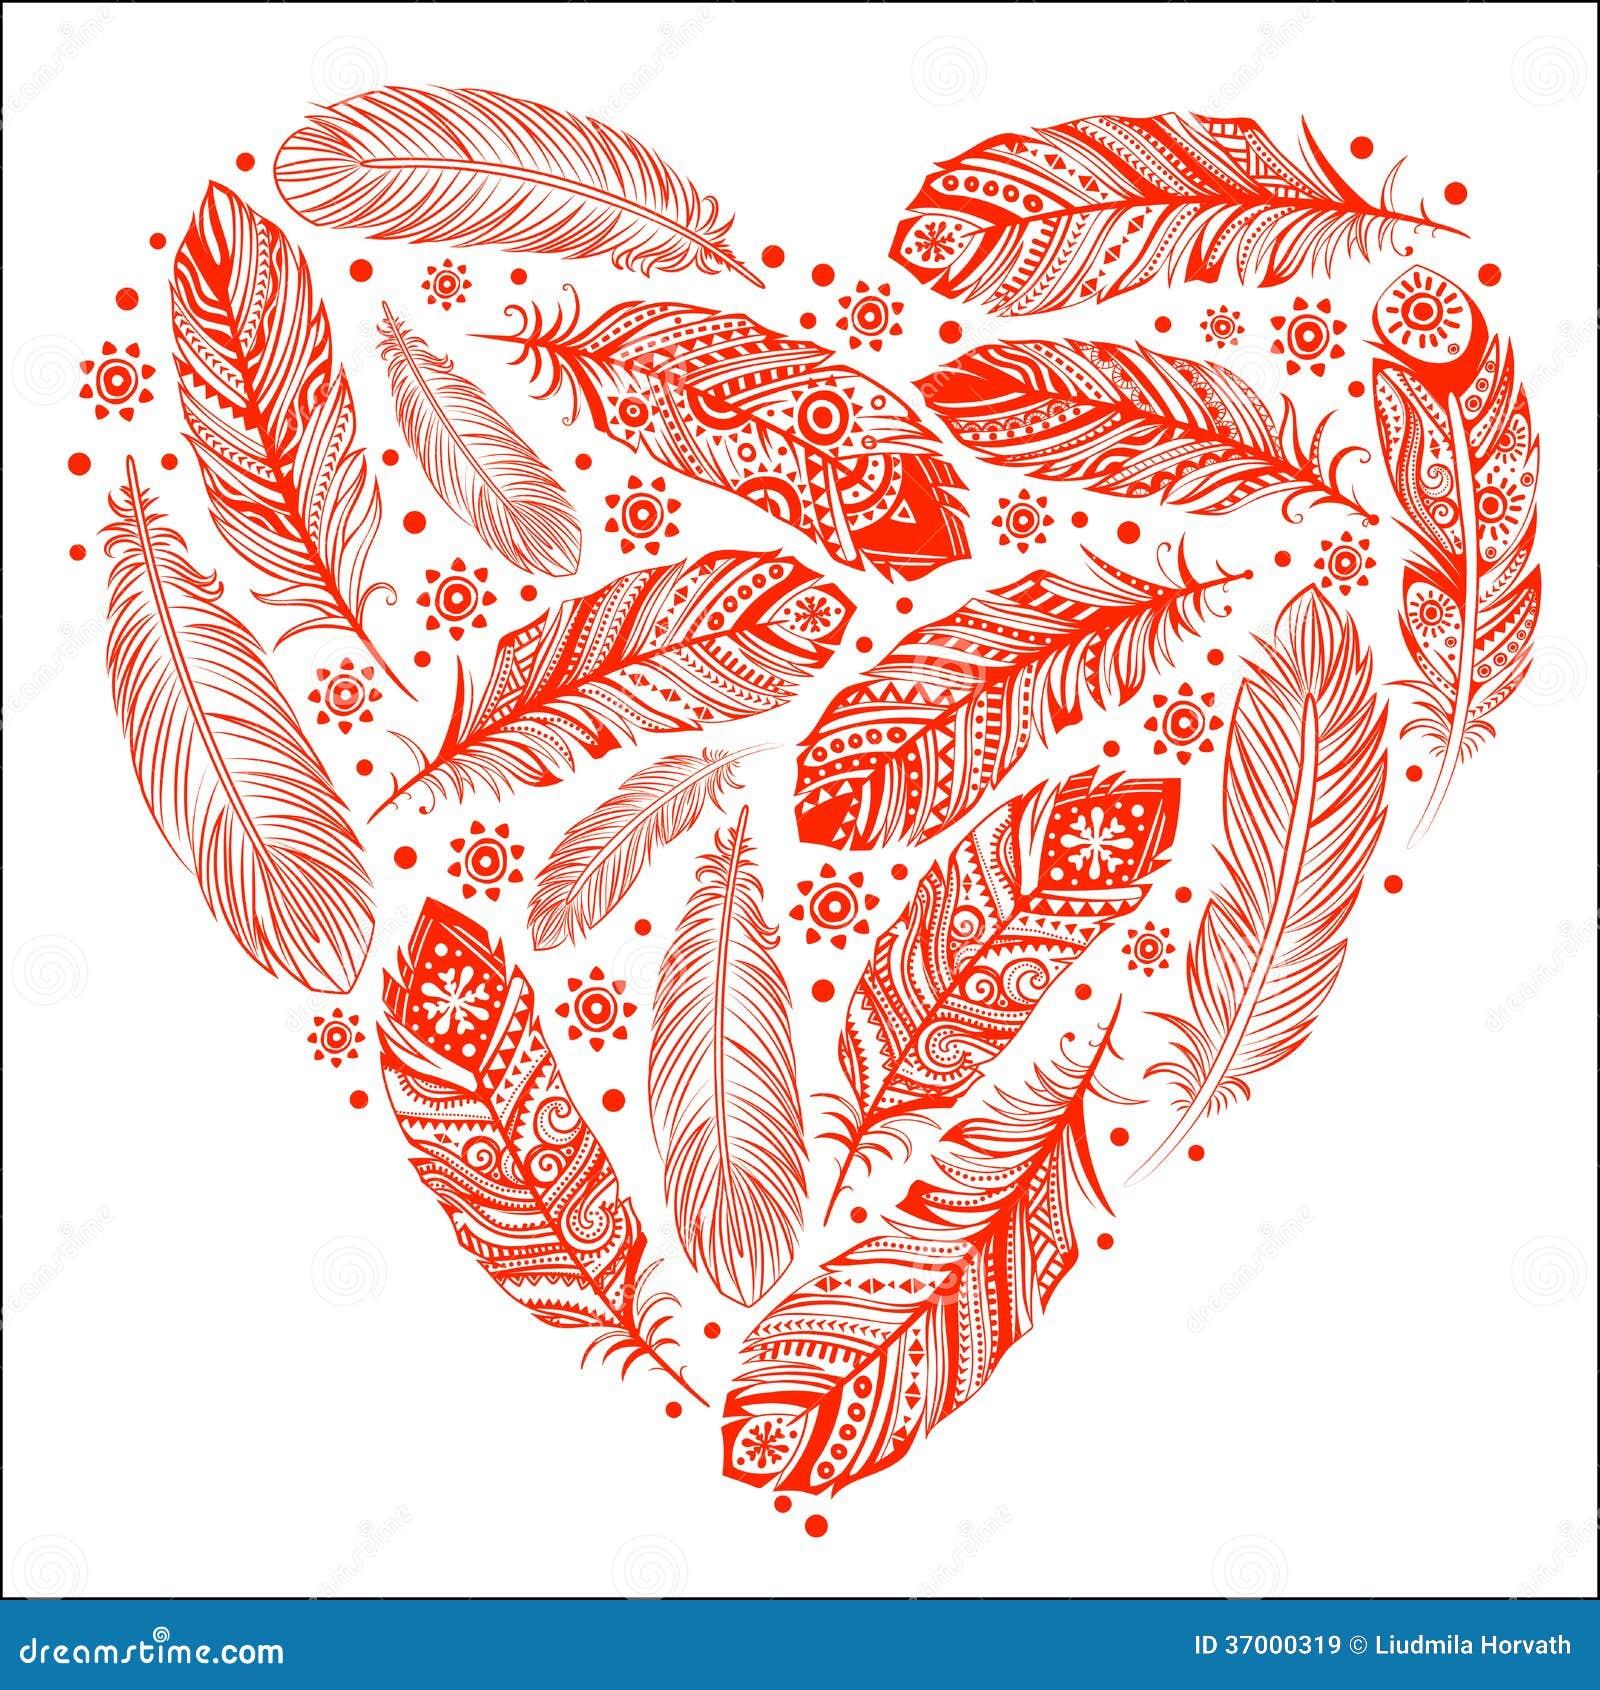 beau coeur de saint valentin images libres de droits image 37000319. Black Bedroom Furniture Sets. Home Design Ideas